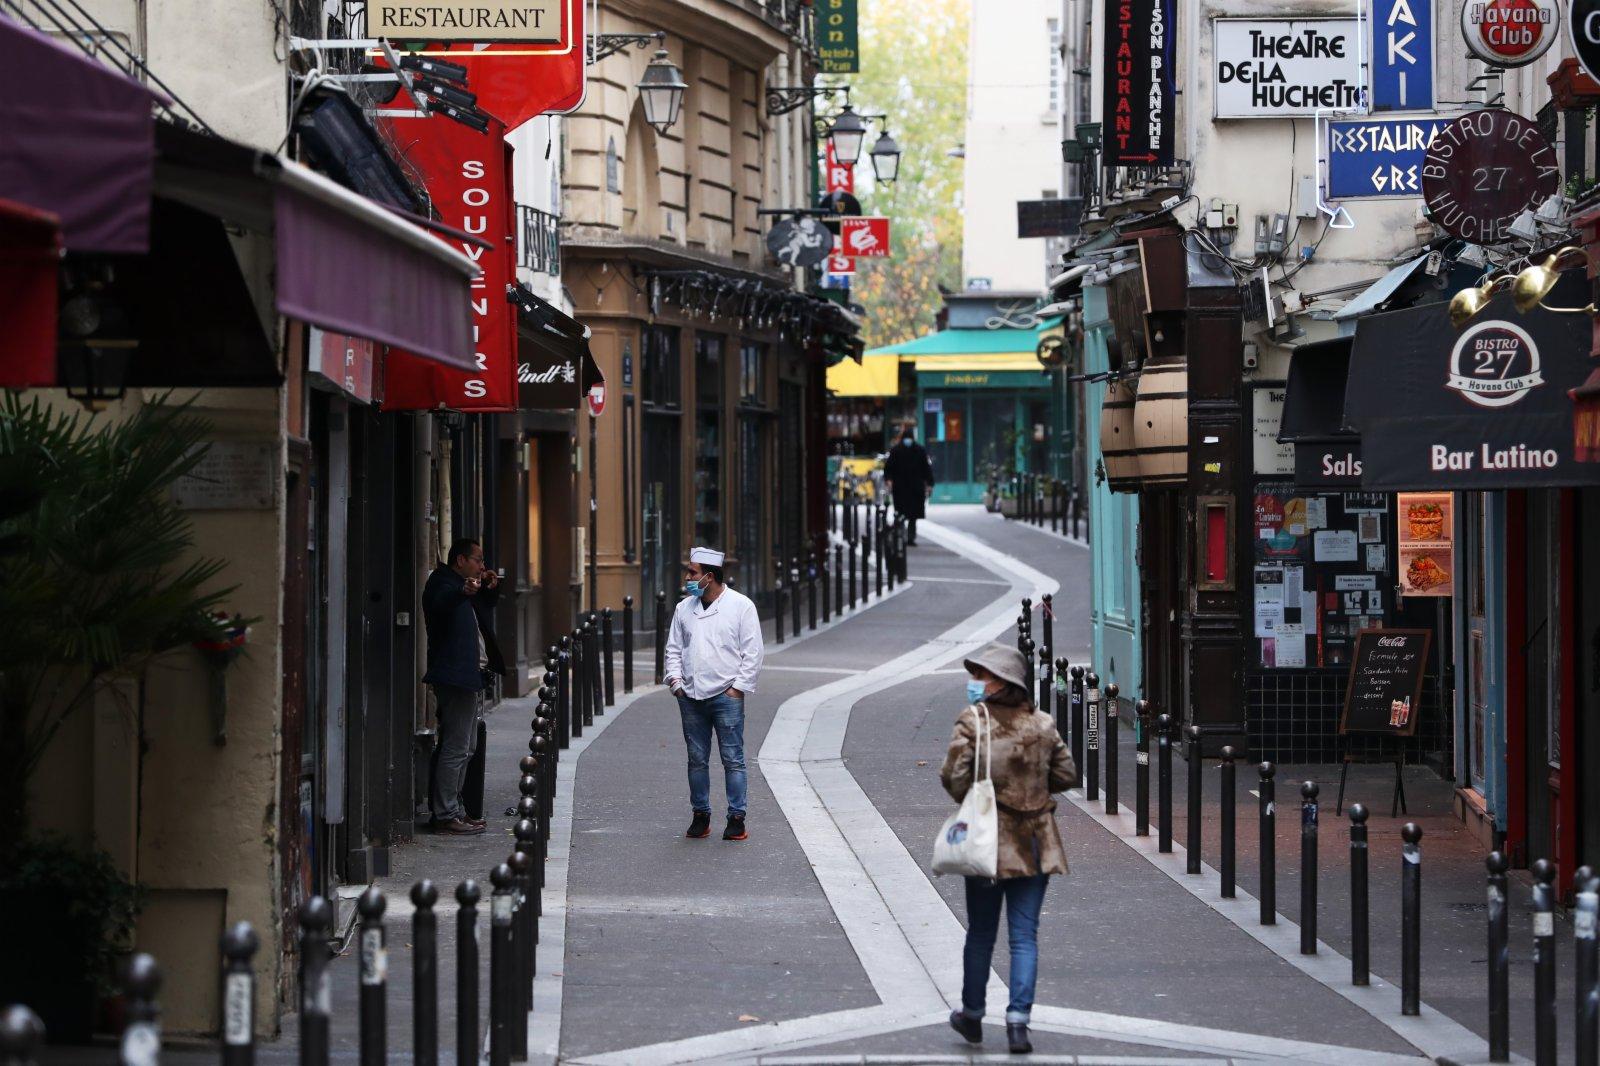 11月16日,法國巴黎聖母院附近的一條美食街店舖關閉,人煙稀少。